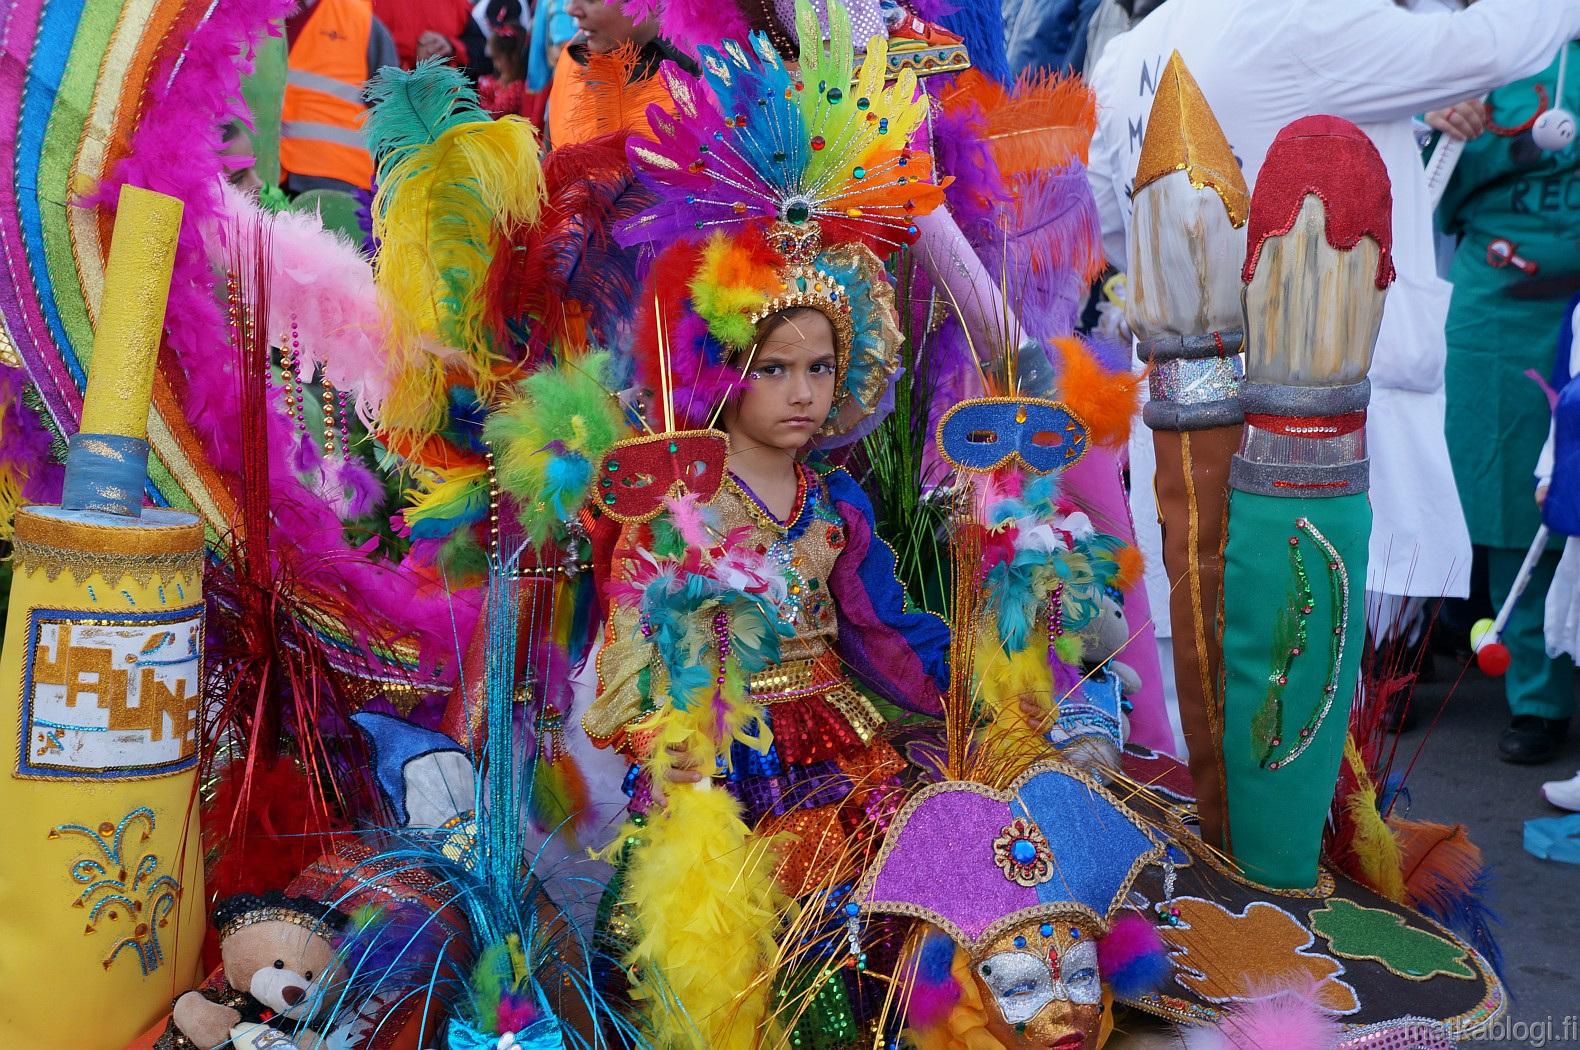 carnival in koktebel